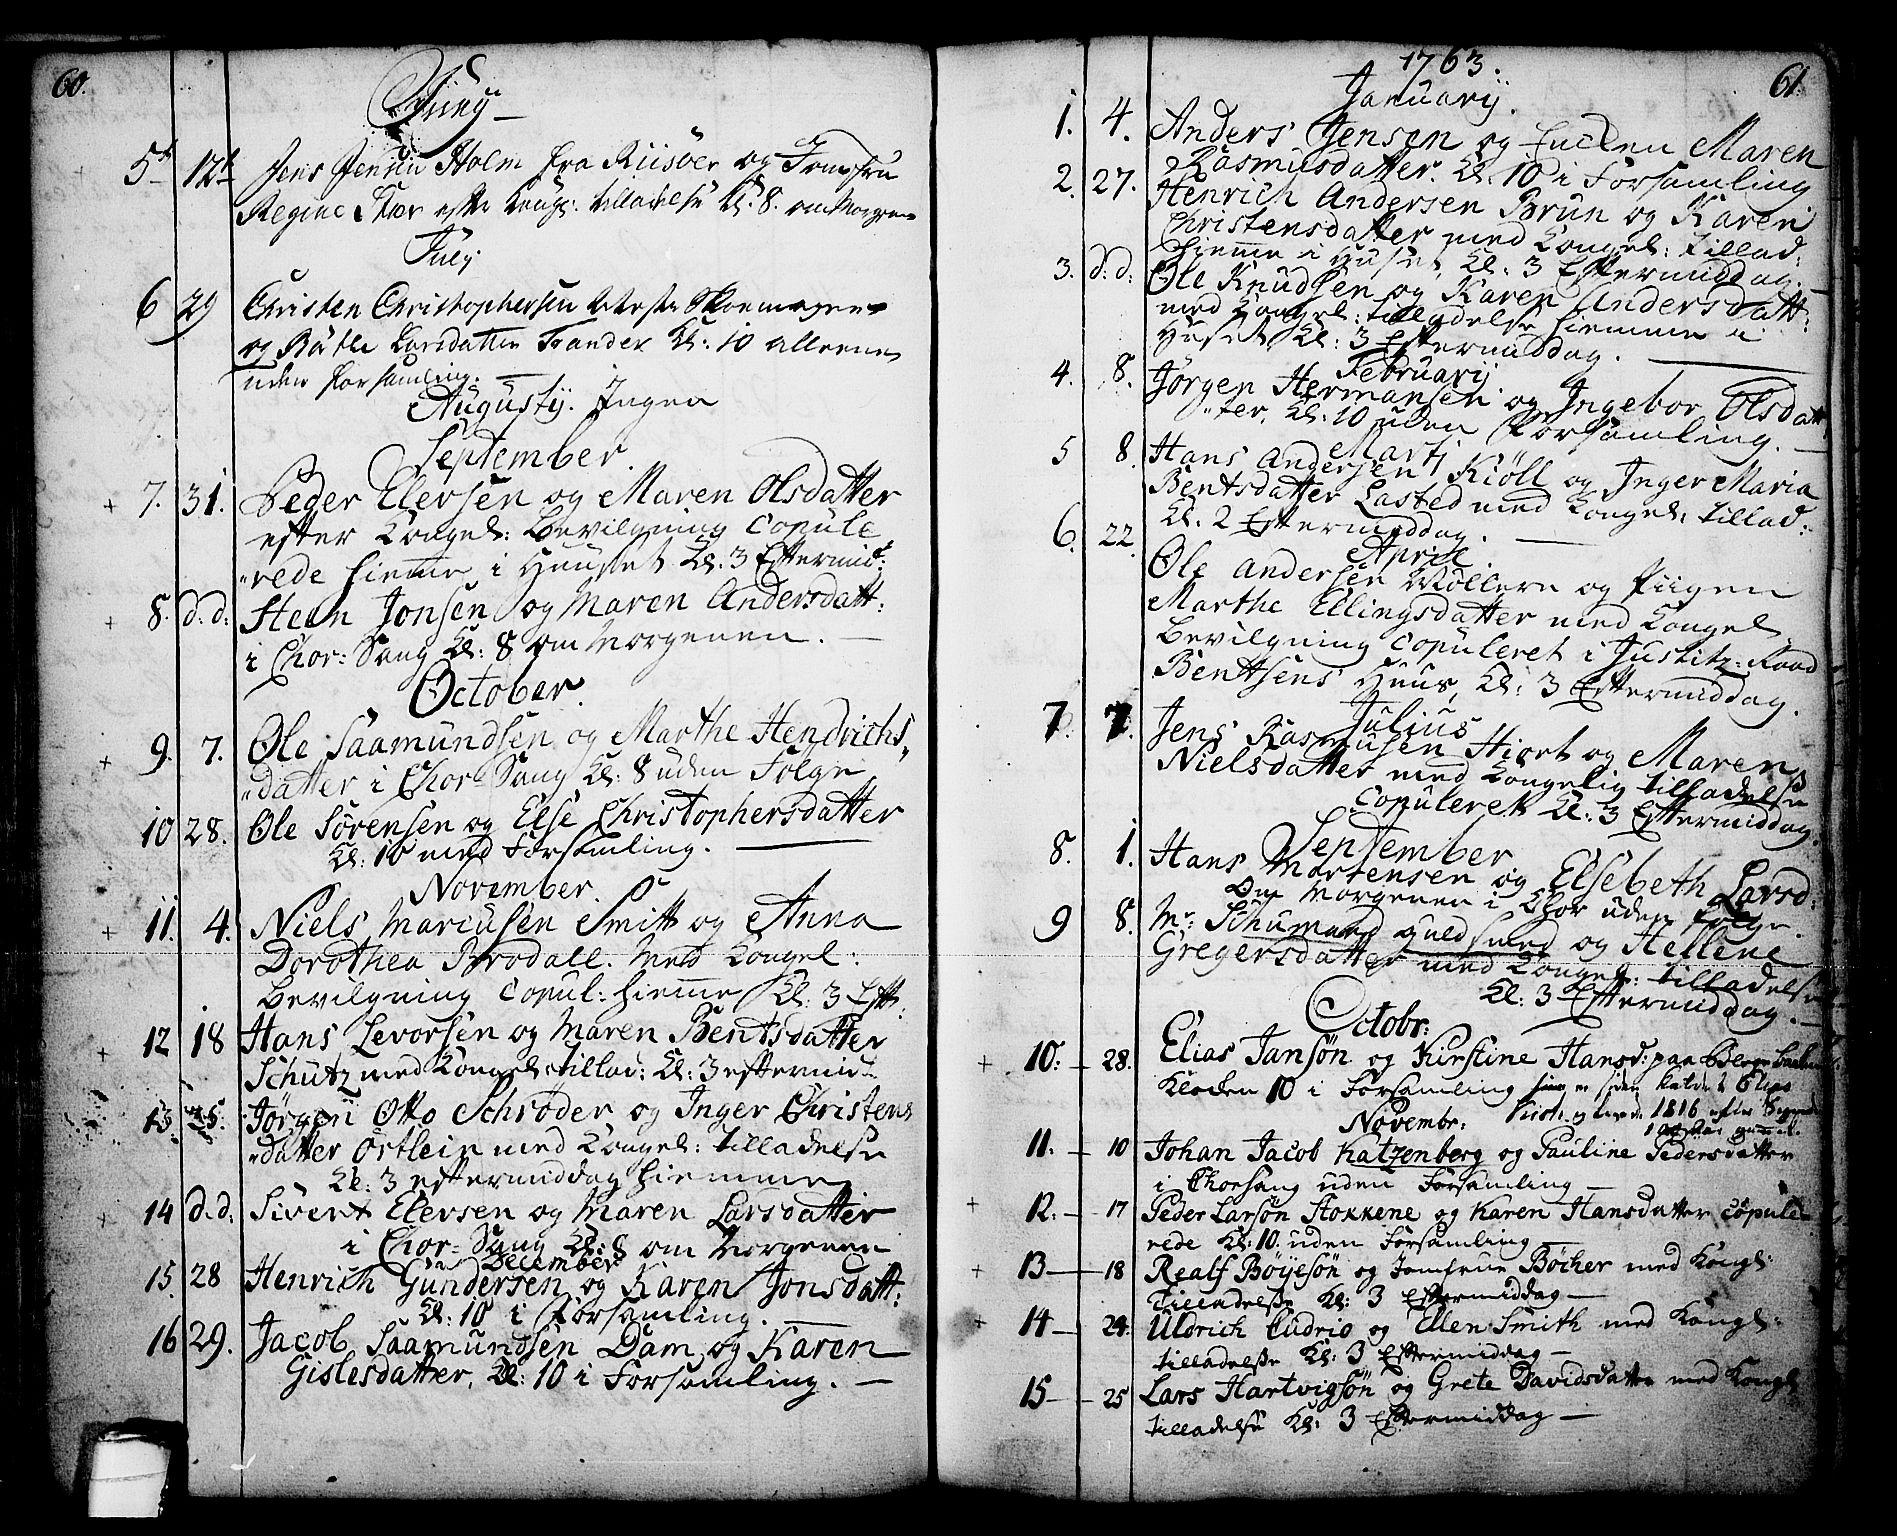 SAKO, Skien kirkebøker, F/Fa/L0003: Ministerialbok nr. 3, 1755-1791, s. 60-61